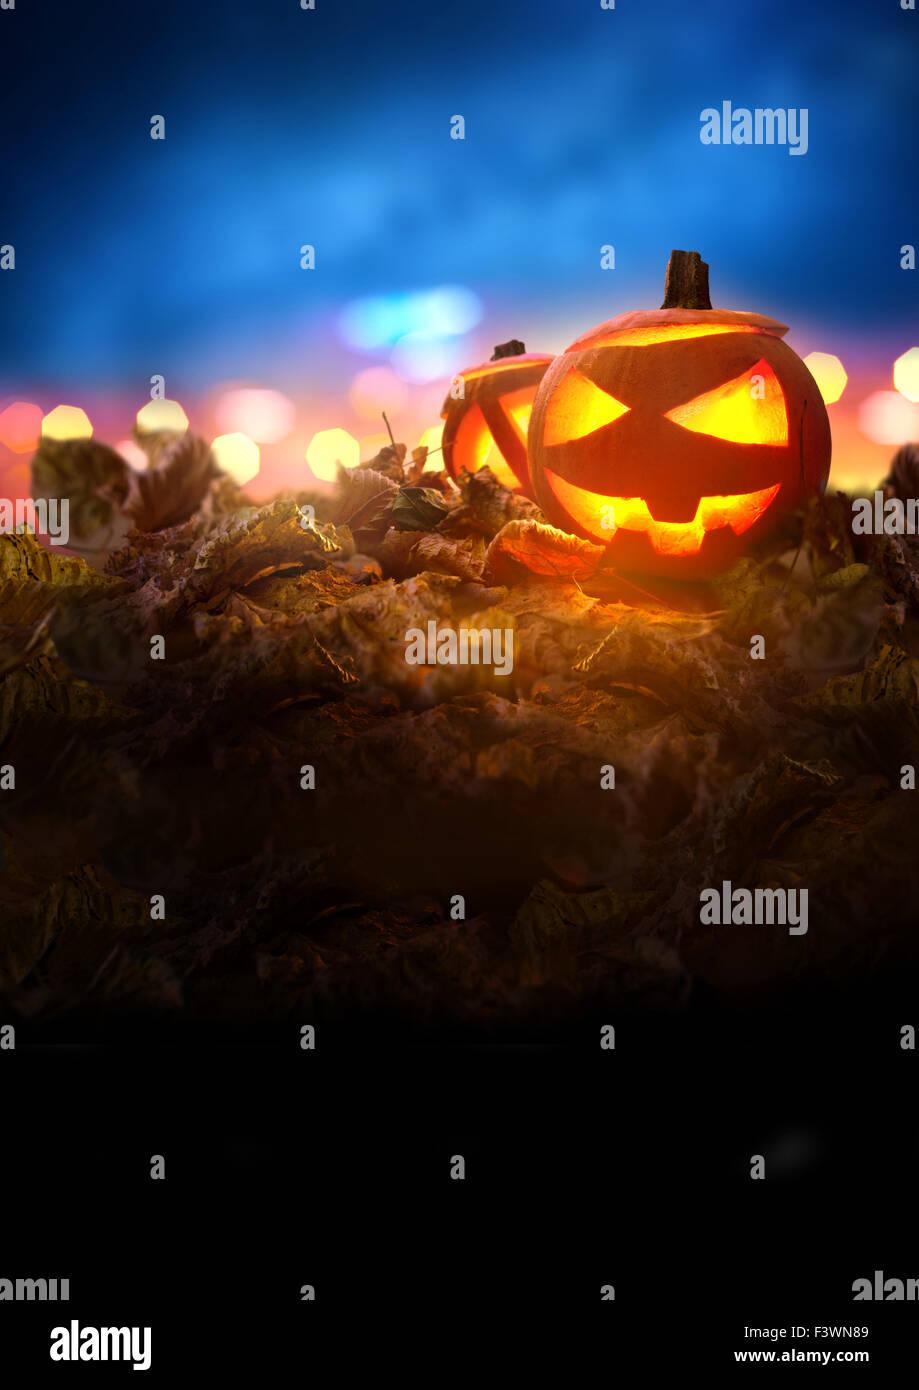 Notte di Halloween. Un jack o zucca lanterna incandescente arancione nella serata di Halloween tra foglie di autunno. Immagini Stock